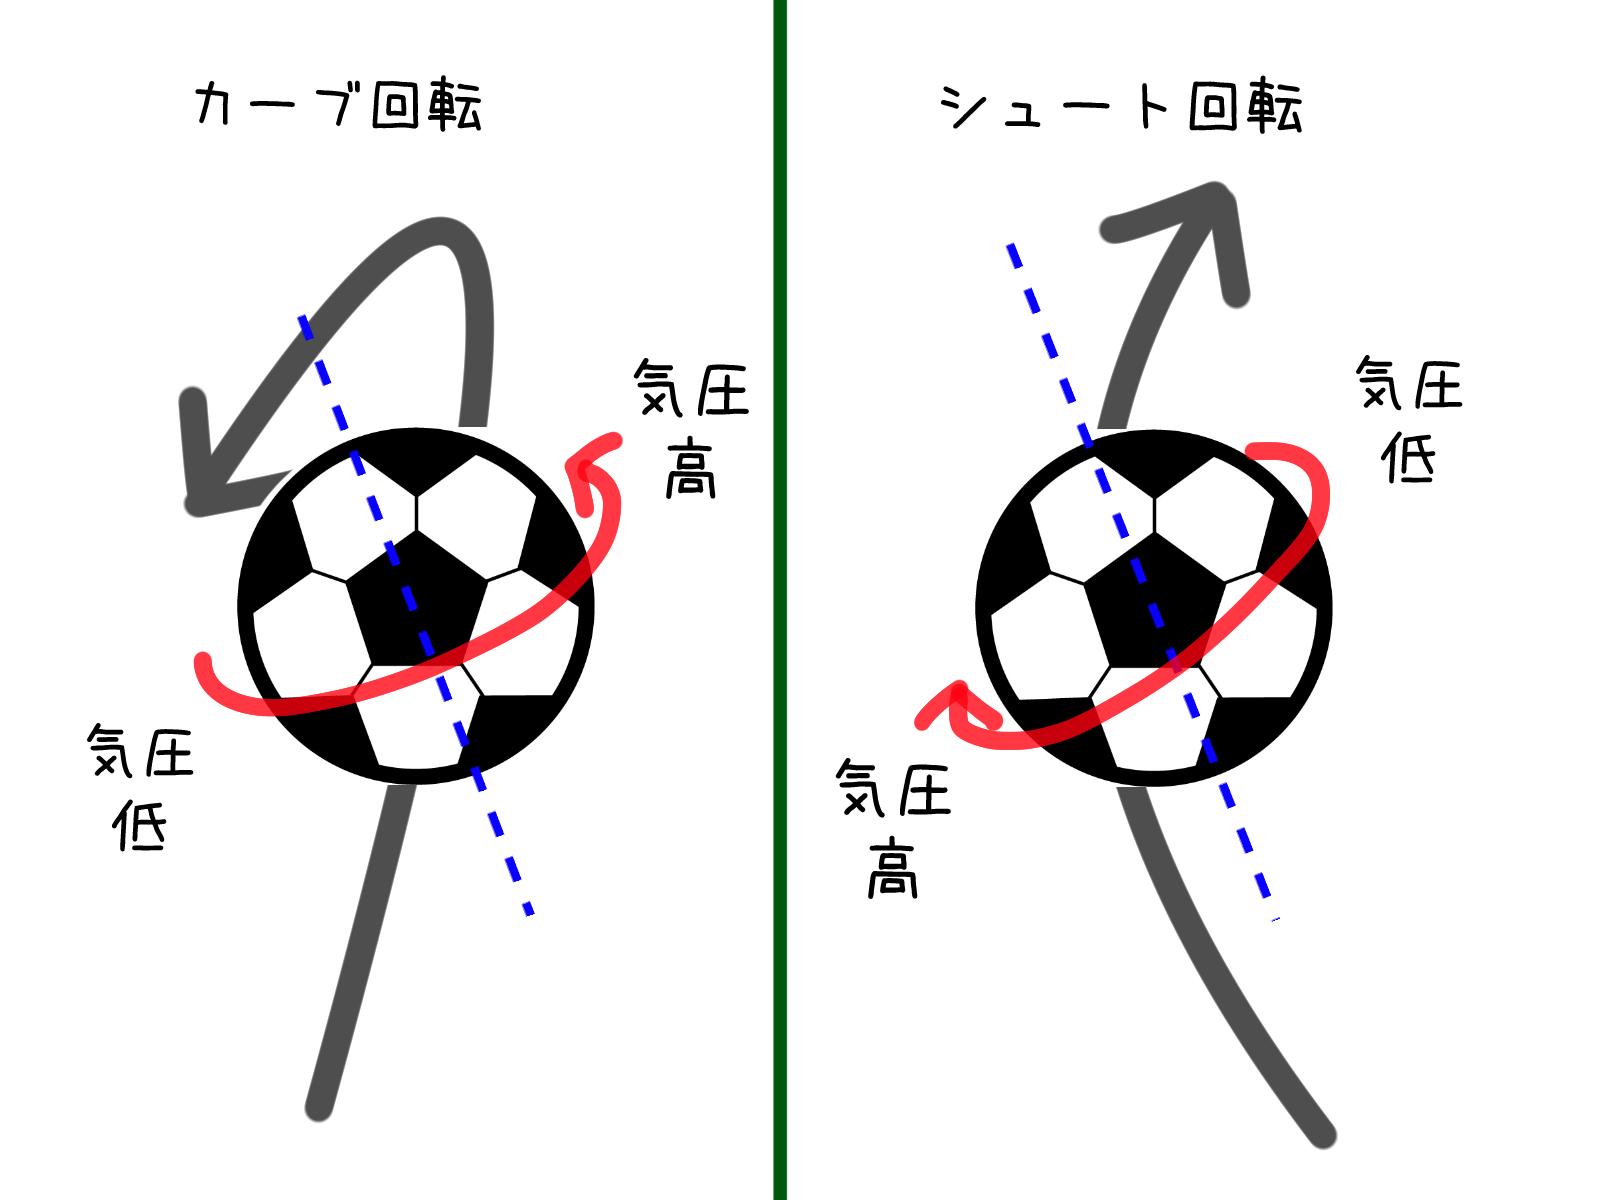 サッカーボールの回転軸と変化方向